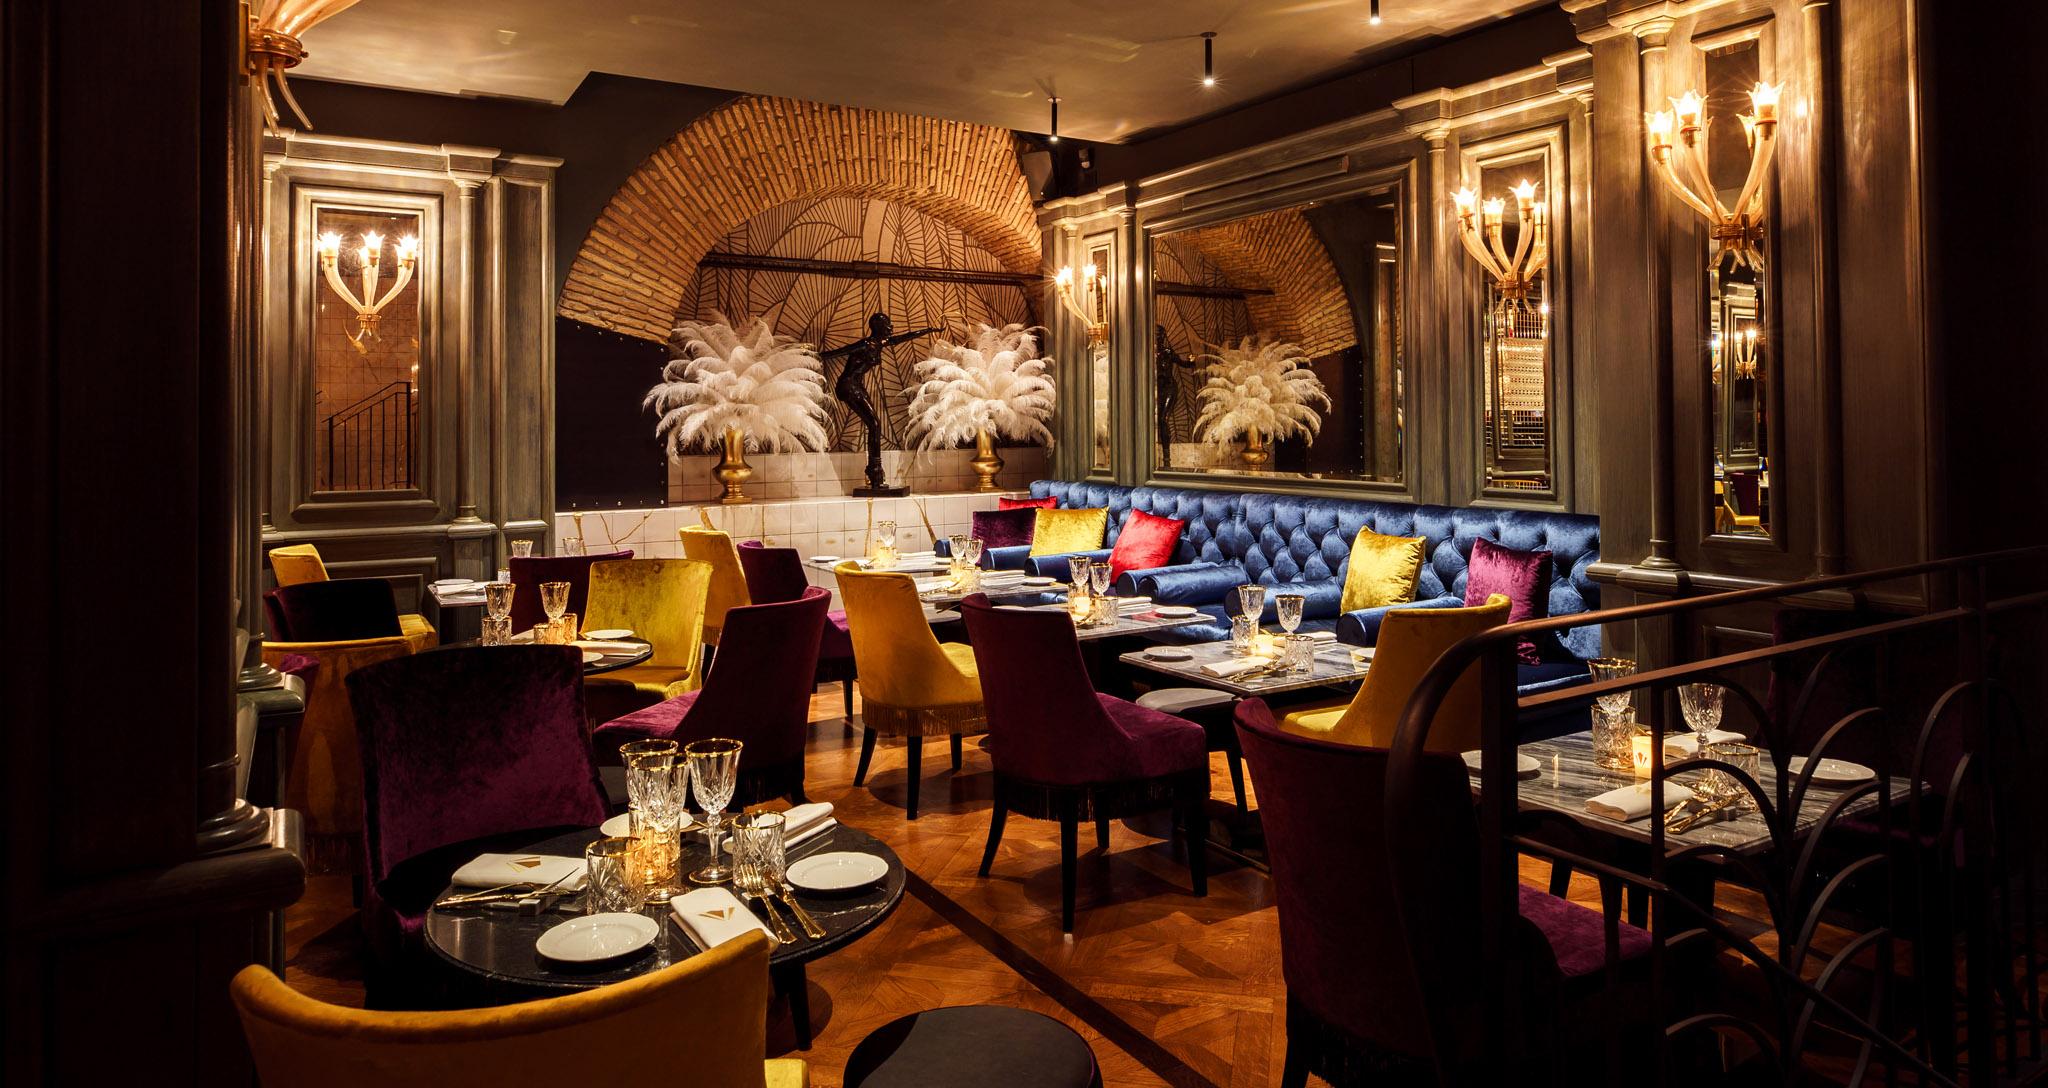 Design Hotel Il Berg Luxury Hotel Di Roma : Valentyne restaurant roma un luogo senza tempo tra